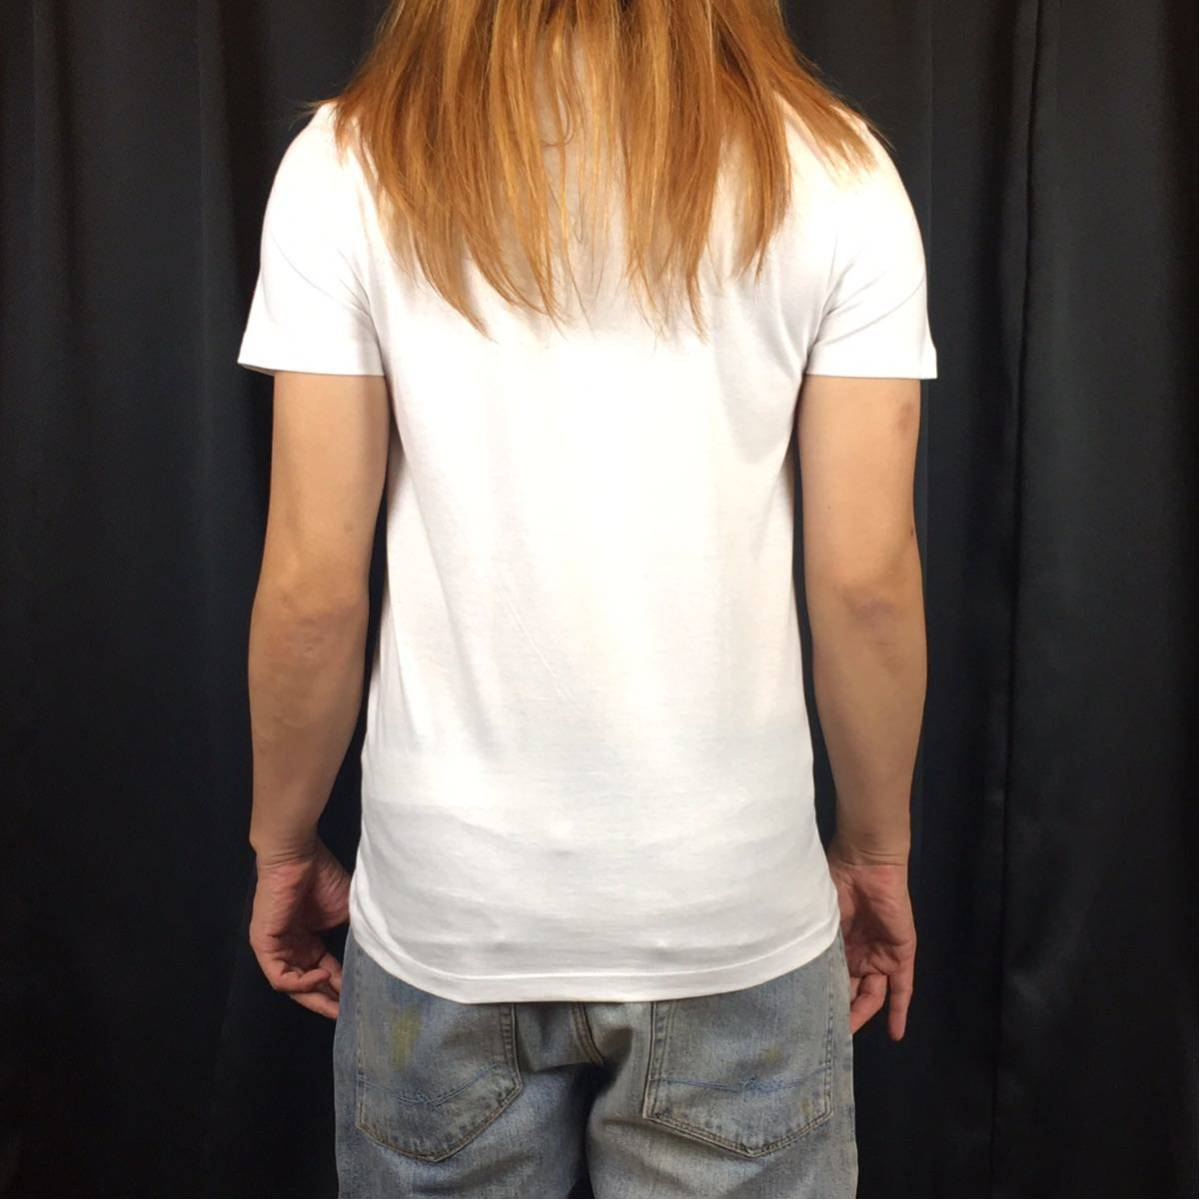 新品 映画 LEON レオン マチルダ フェルメール 真珠の耳飾りの少女 Tシャツ コラージュ デザイン S M L XL ビッグ サイズ XXL~5XL 長袖 OK_画像4